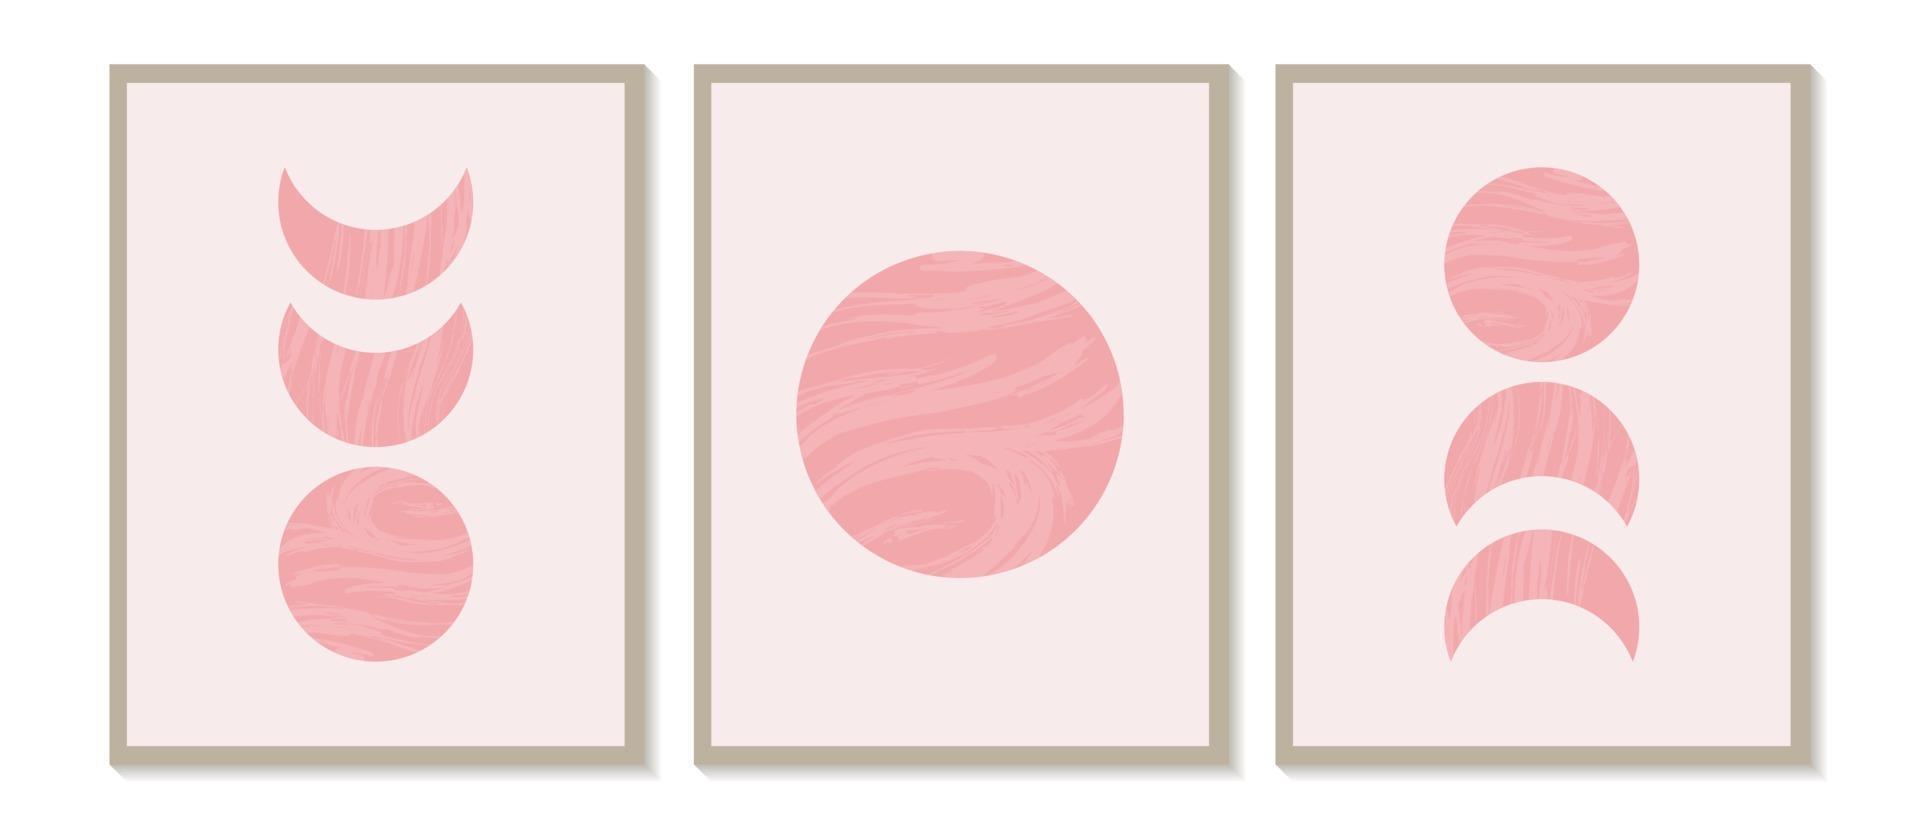 mitten av århundradet modernt minimalistiskt konsttryck med organisk naturlig form. abstrakt samtida estetisk bakgrund med geometriska månfaser. boho väggdekor. vektor